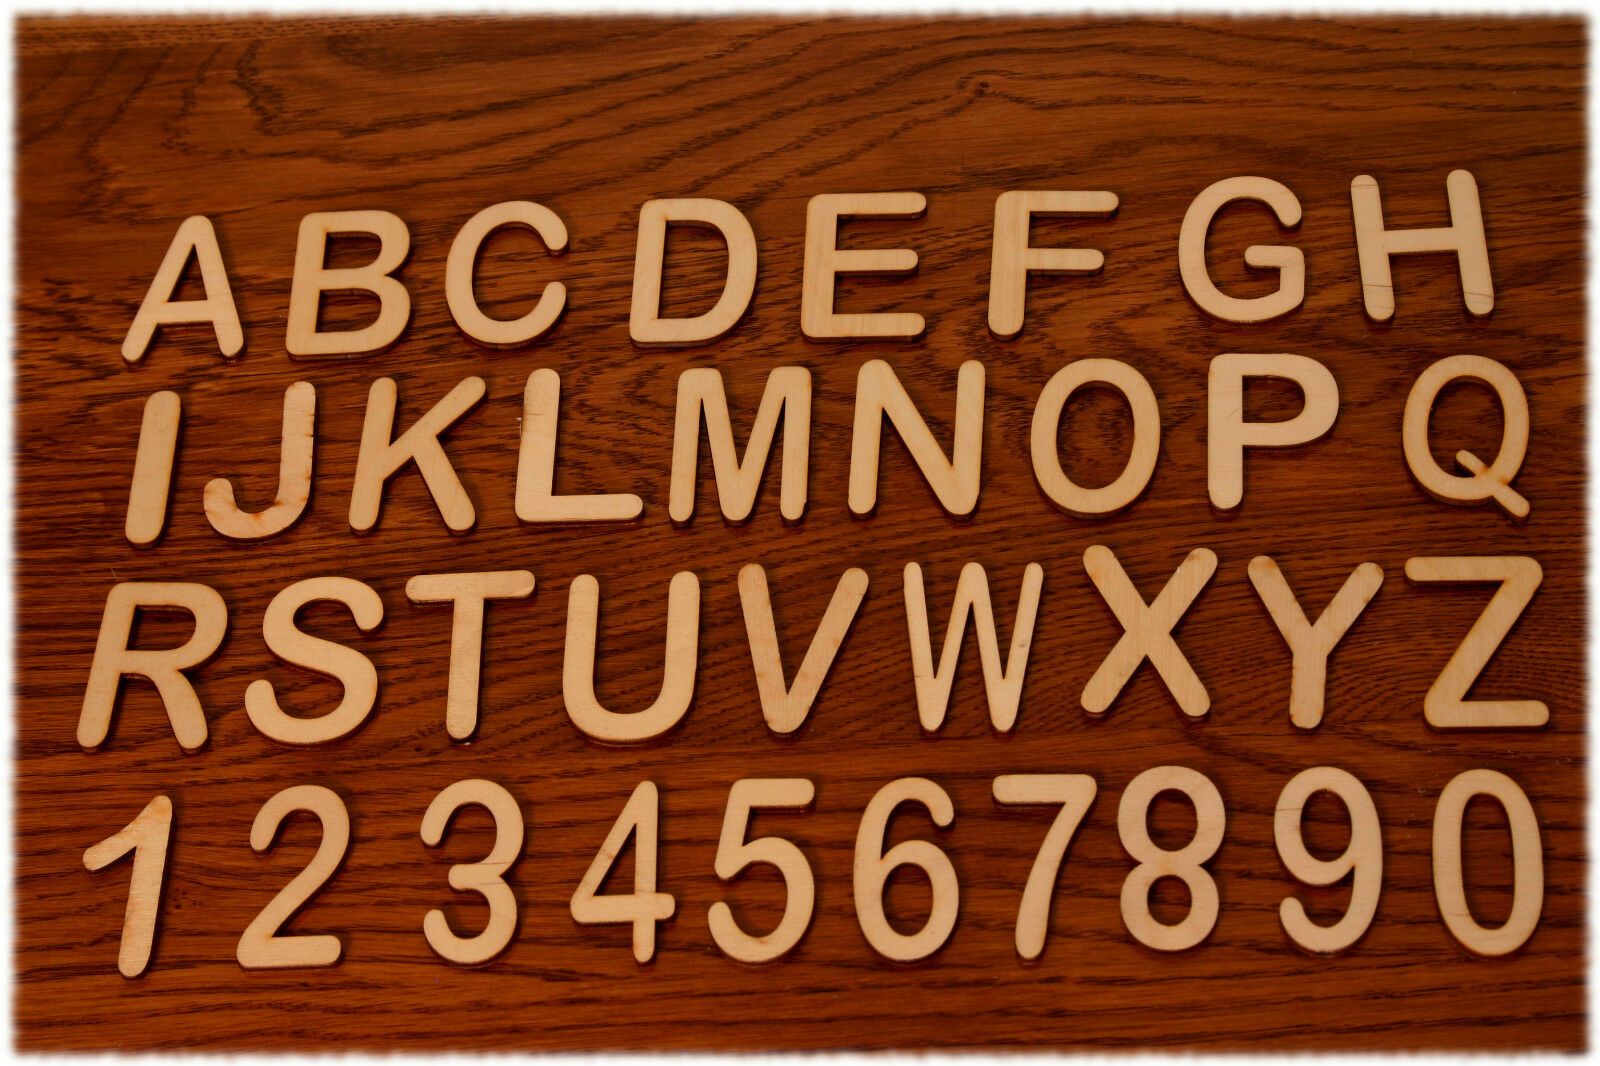 Holzbuchstaben A-Z  Holzzahlen 0-9  5cm 10cm hoch  zum Basteln Dekorieren